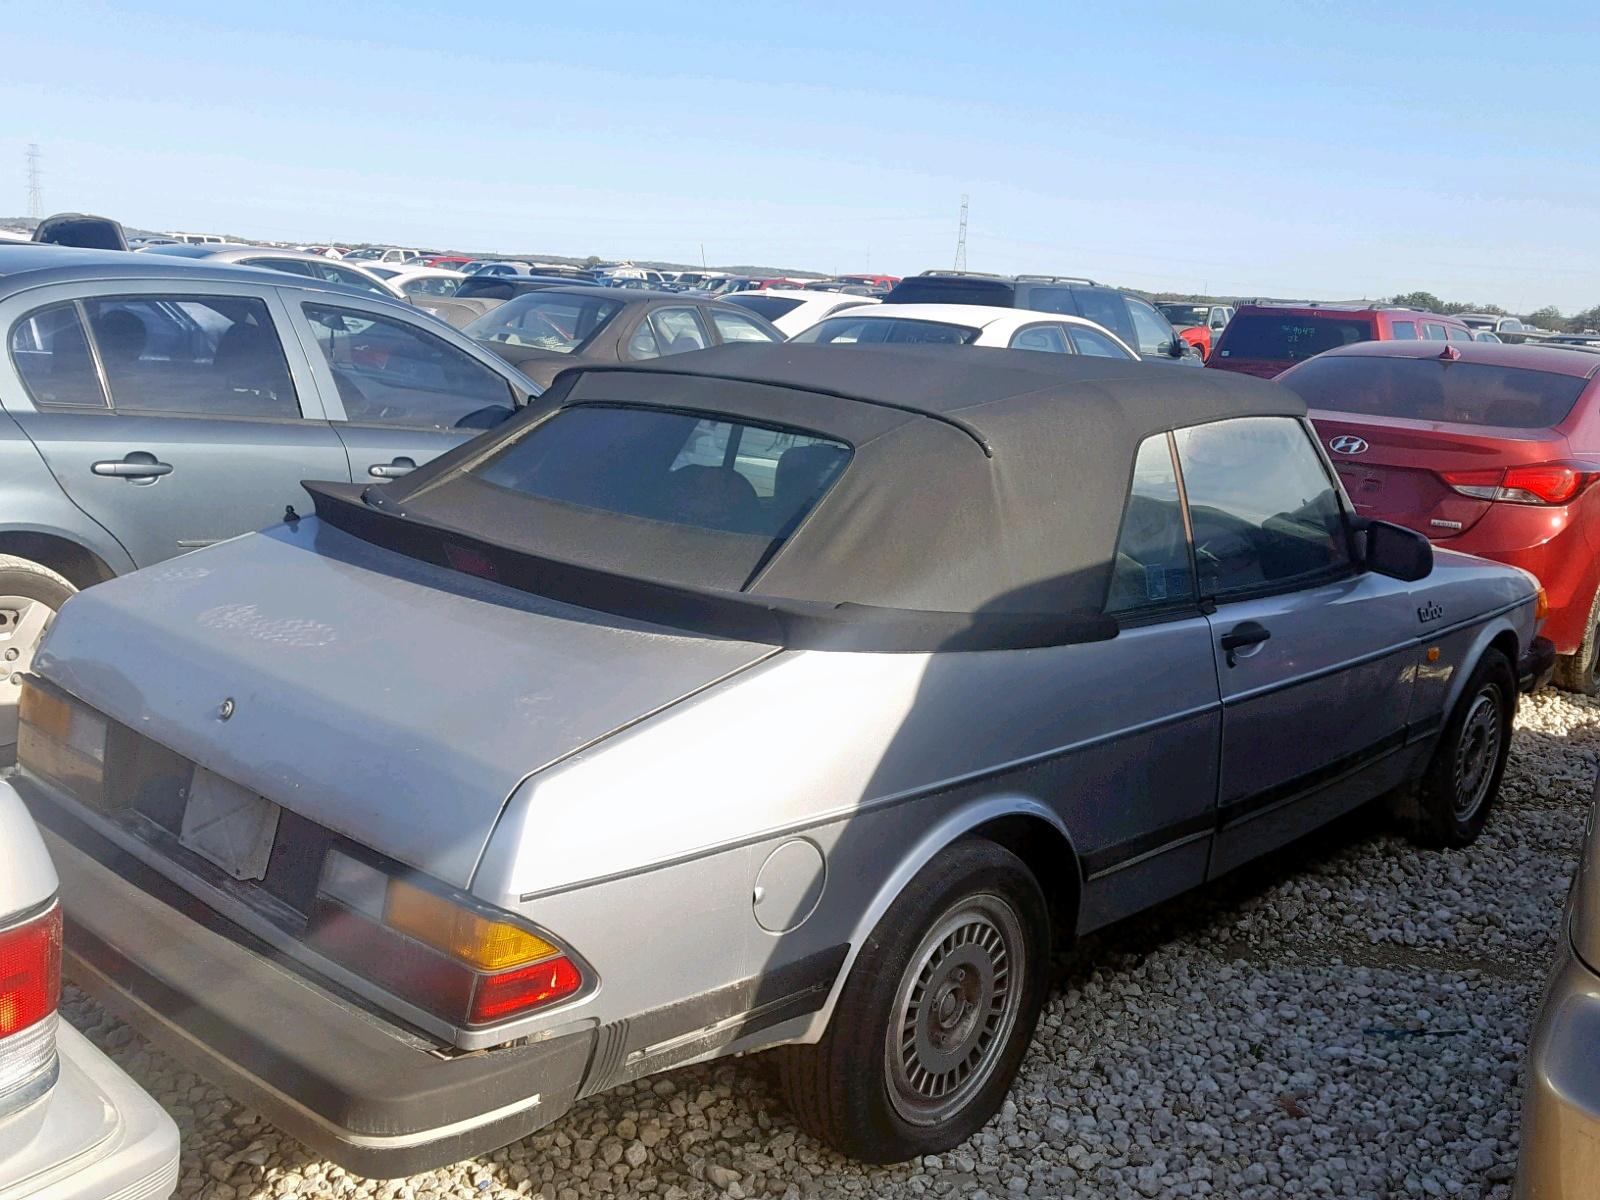 YS3AD75L7G7025556 - 1986 Saab 900 2.0L rear view